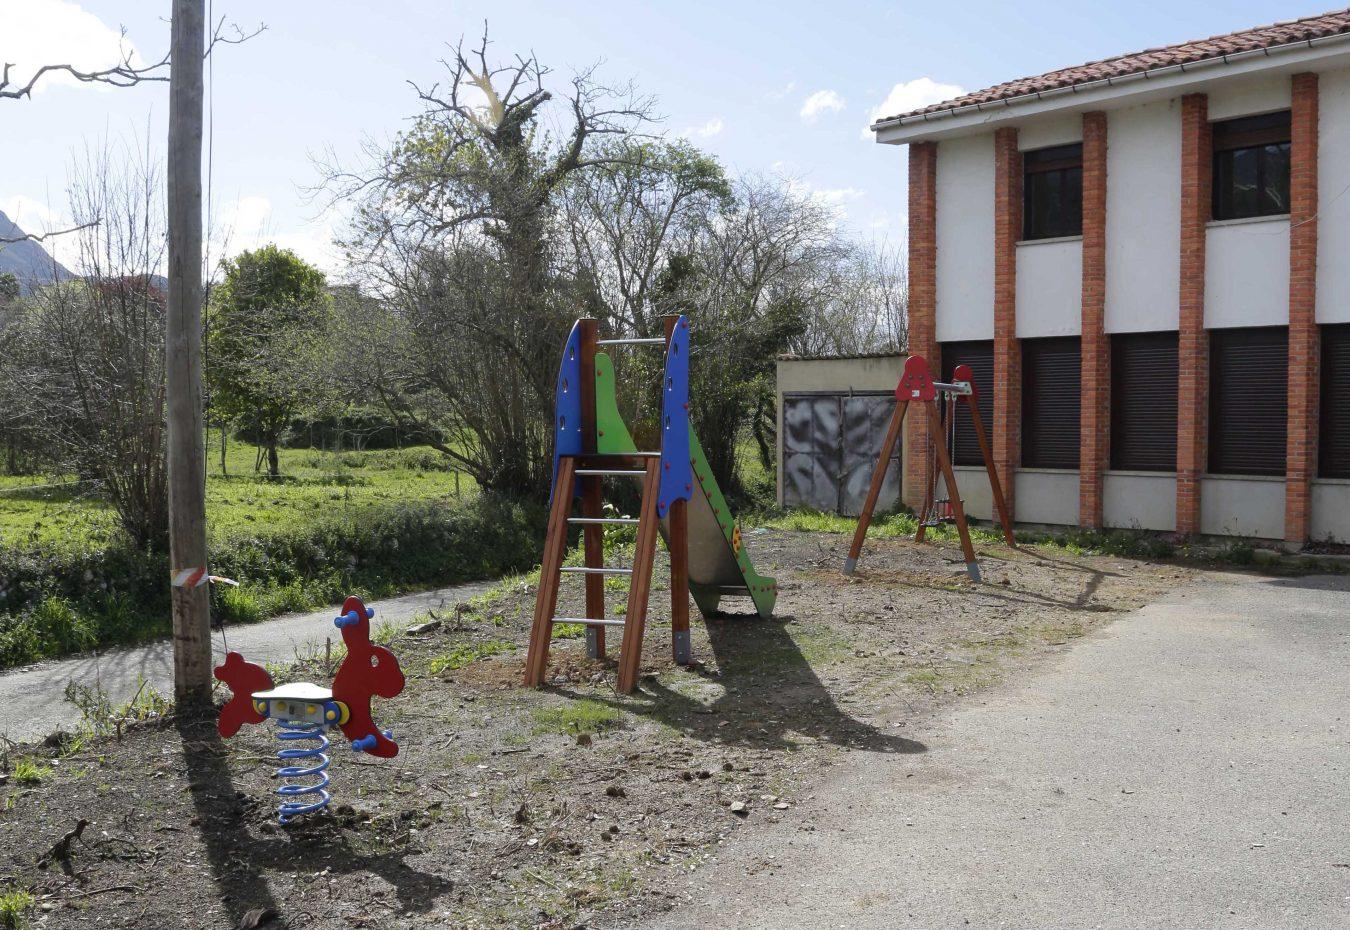 El riosellano pueblo de Toriellu ya tiene parque infantil